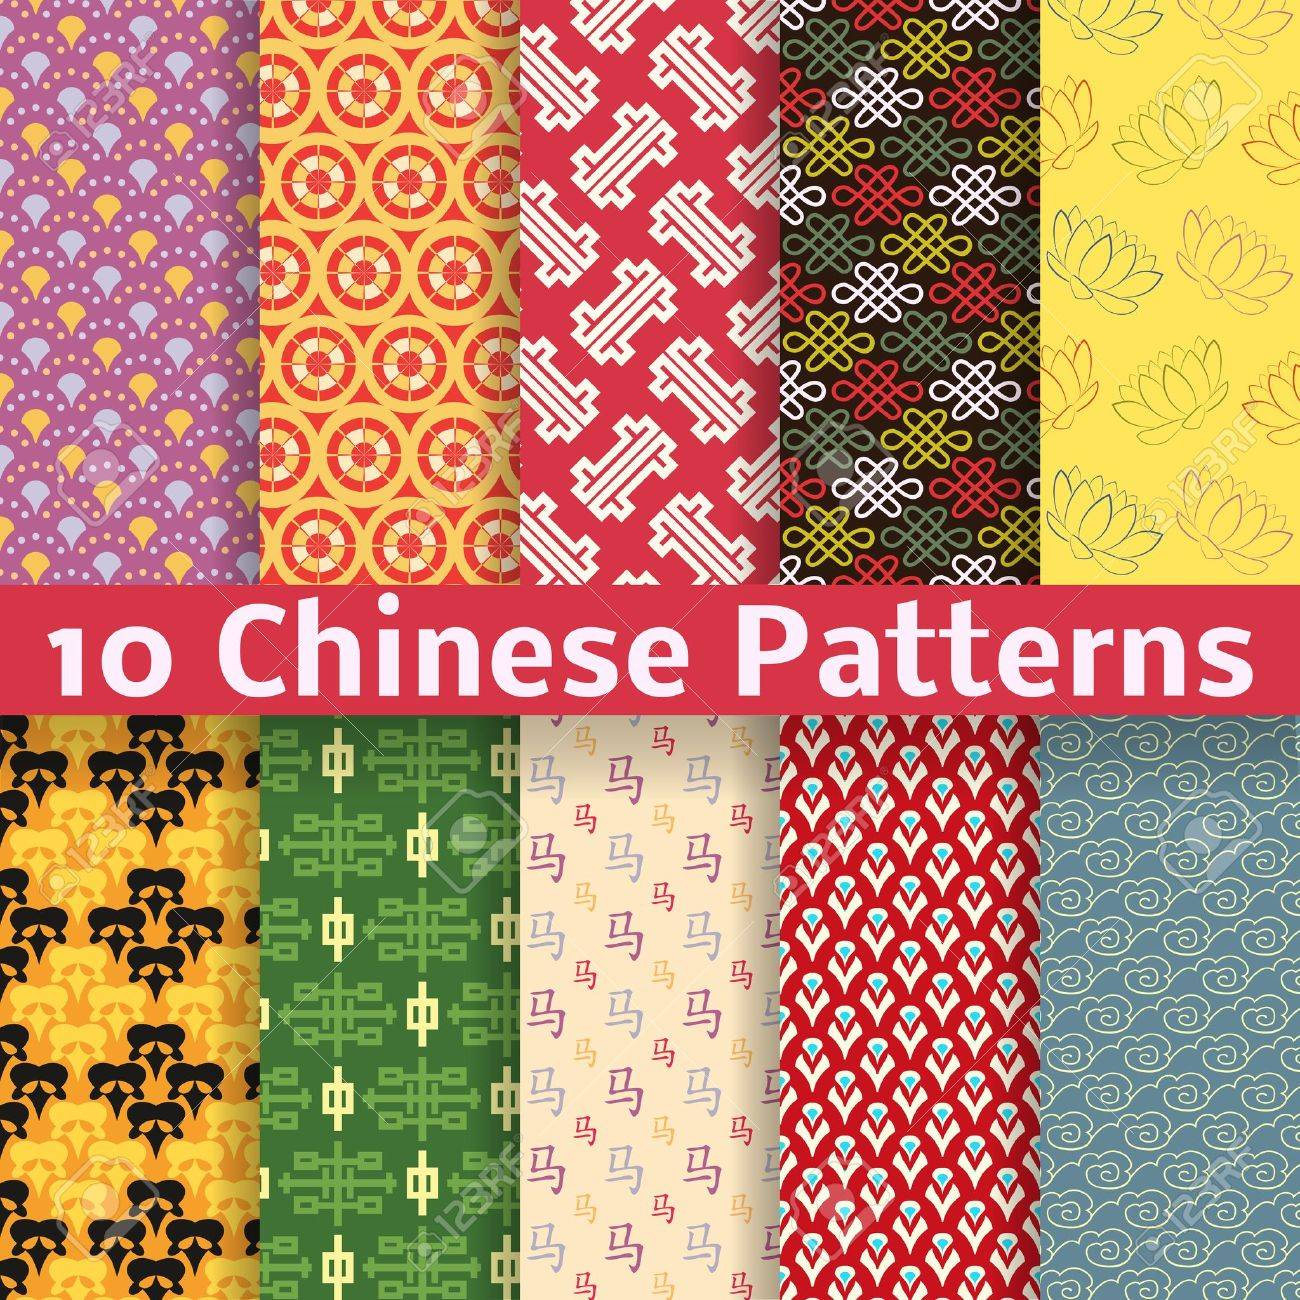 10 異なった中国ベクトルのシームレスなパターン 並べて表示 布に印刷